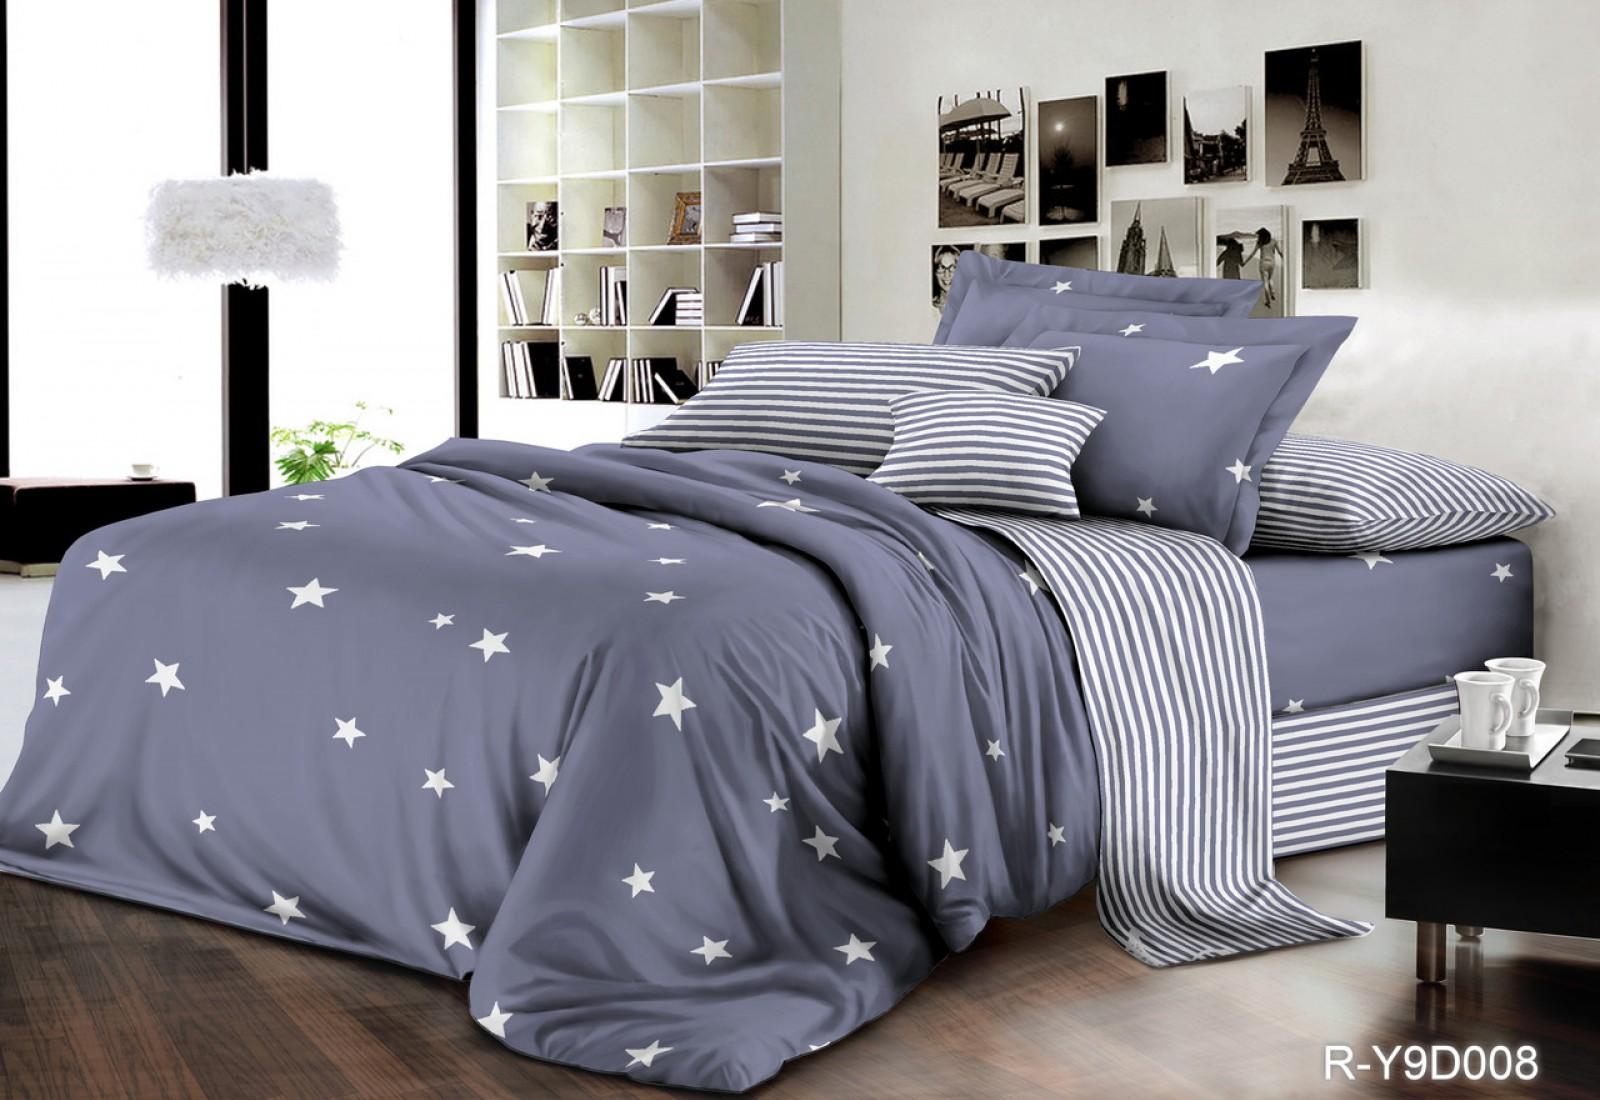 Двуспальное постельное белье РАНФОРС (бязь) 100% хлопок 180088